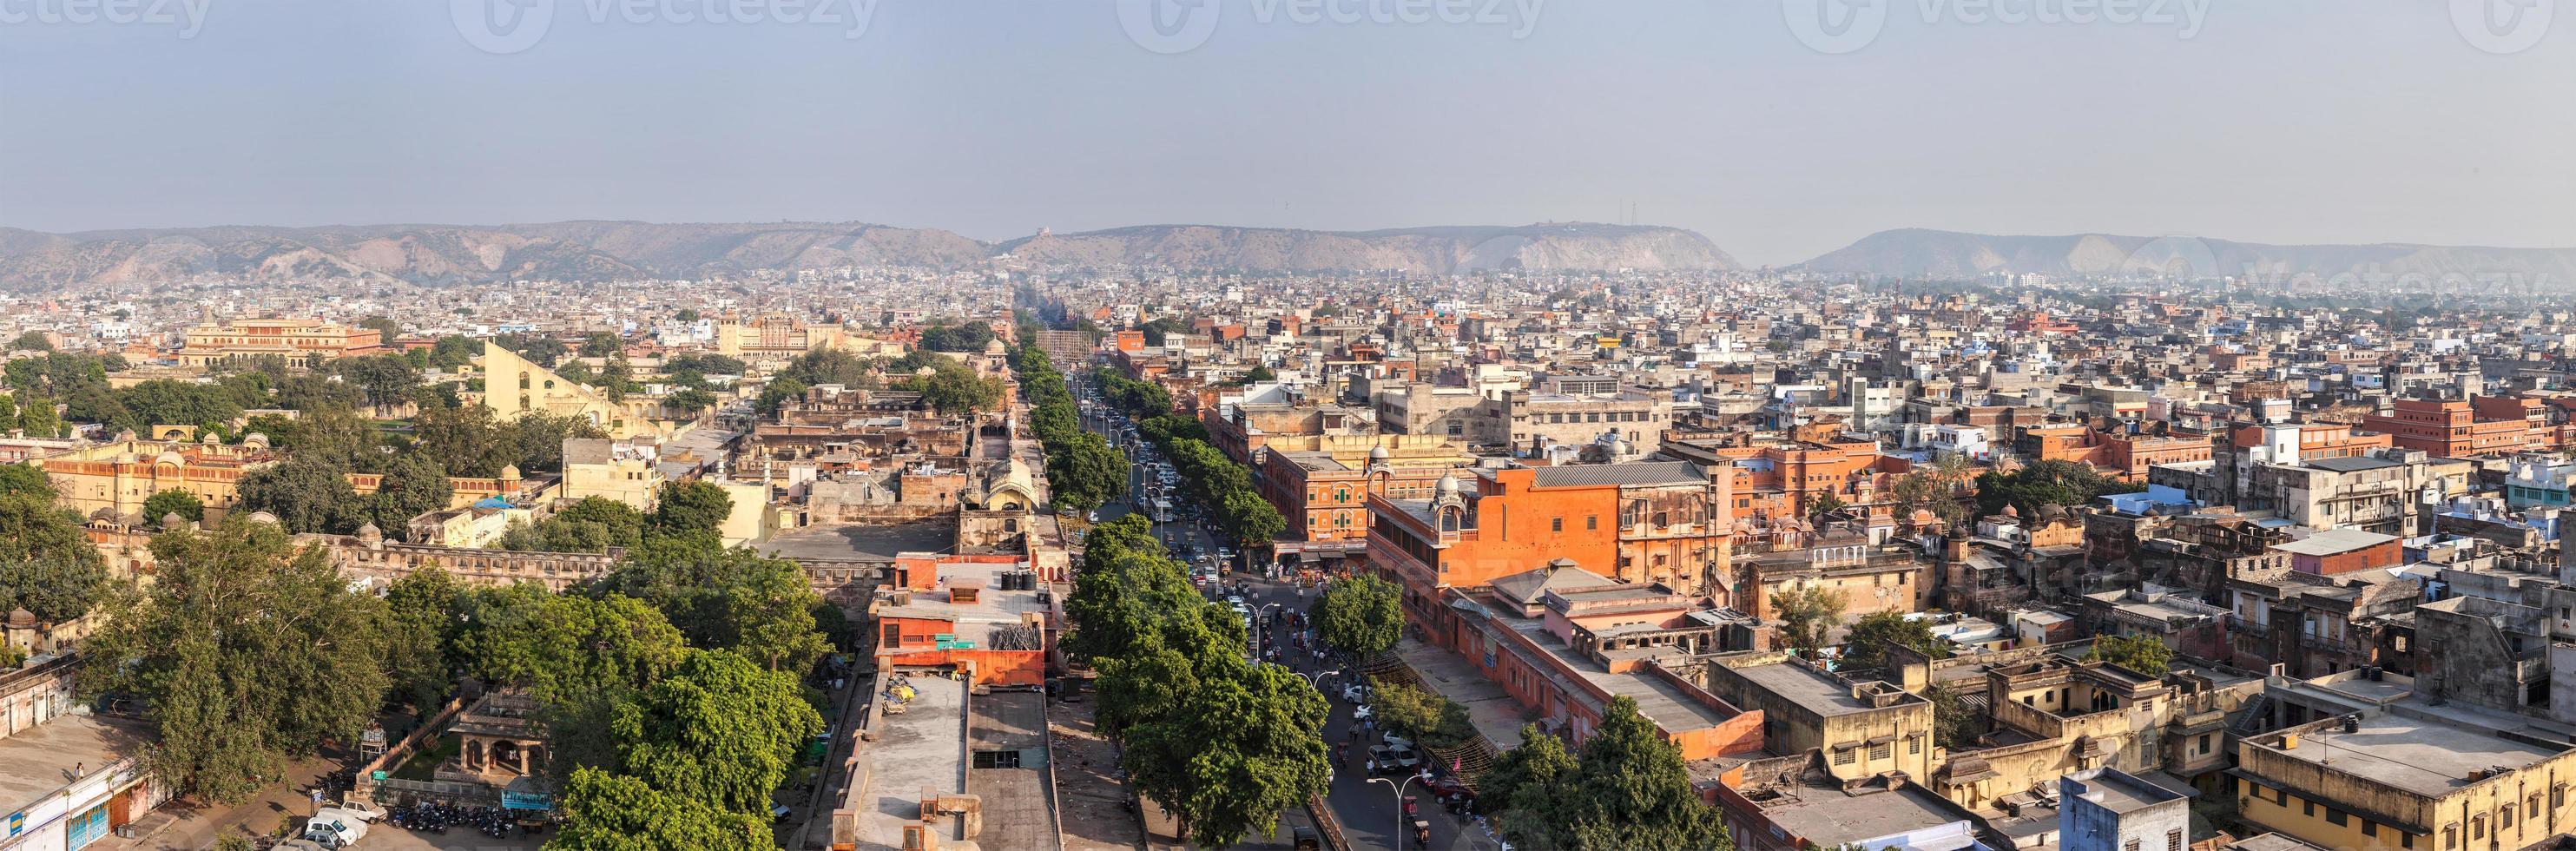 Panorama de Jaipur vista aérea Rajastán, India foto